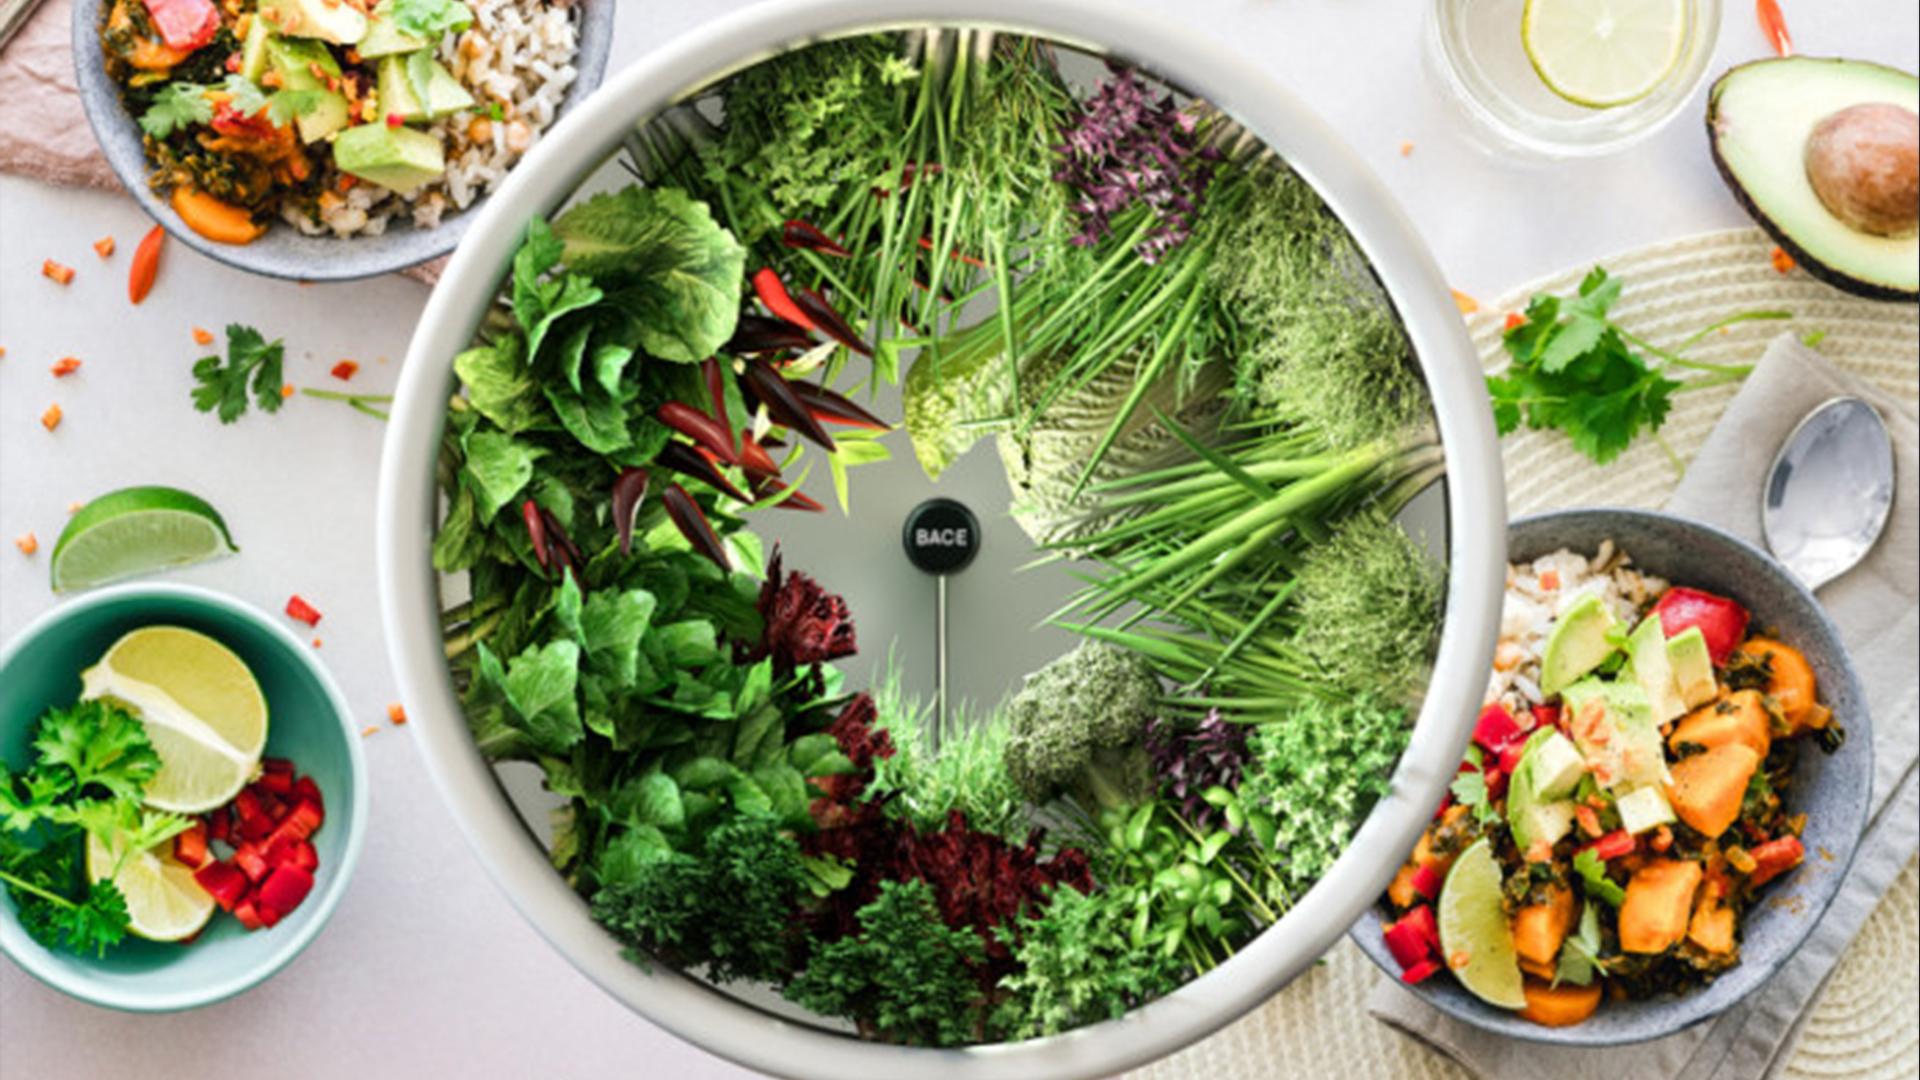 Temui Rotofarm, yang membolehkan anda menanam sayur-sayuran di rumah seperti angkasawan NASA